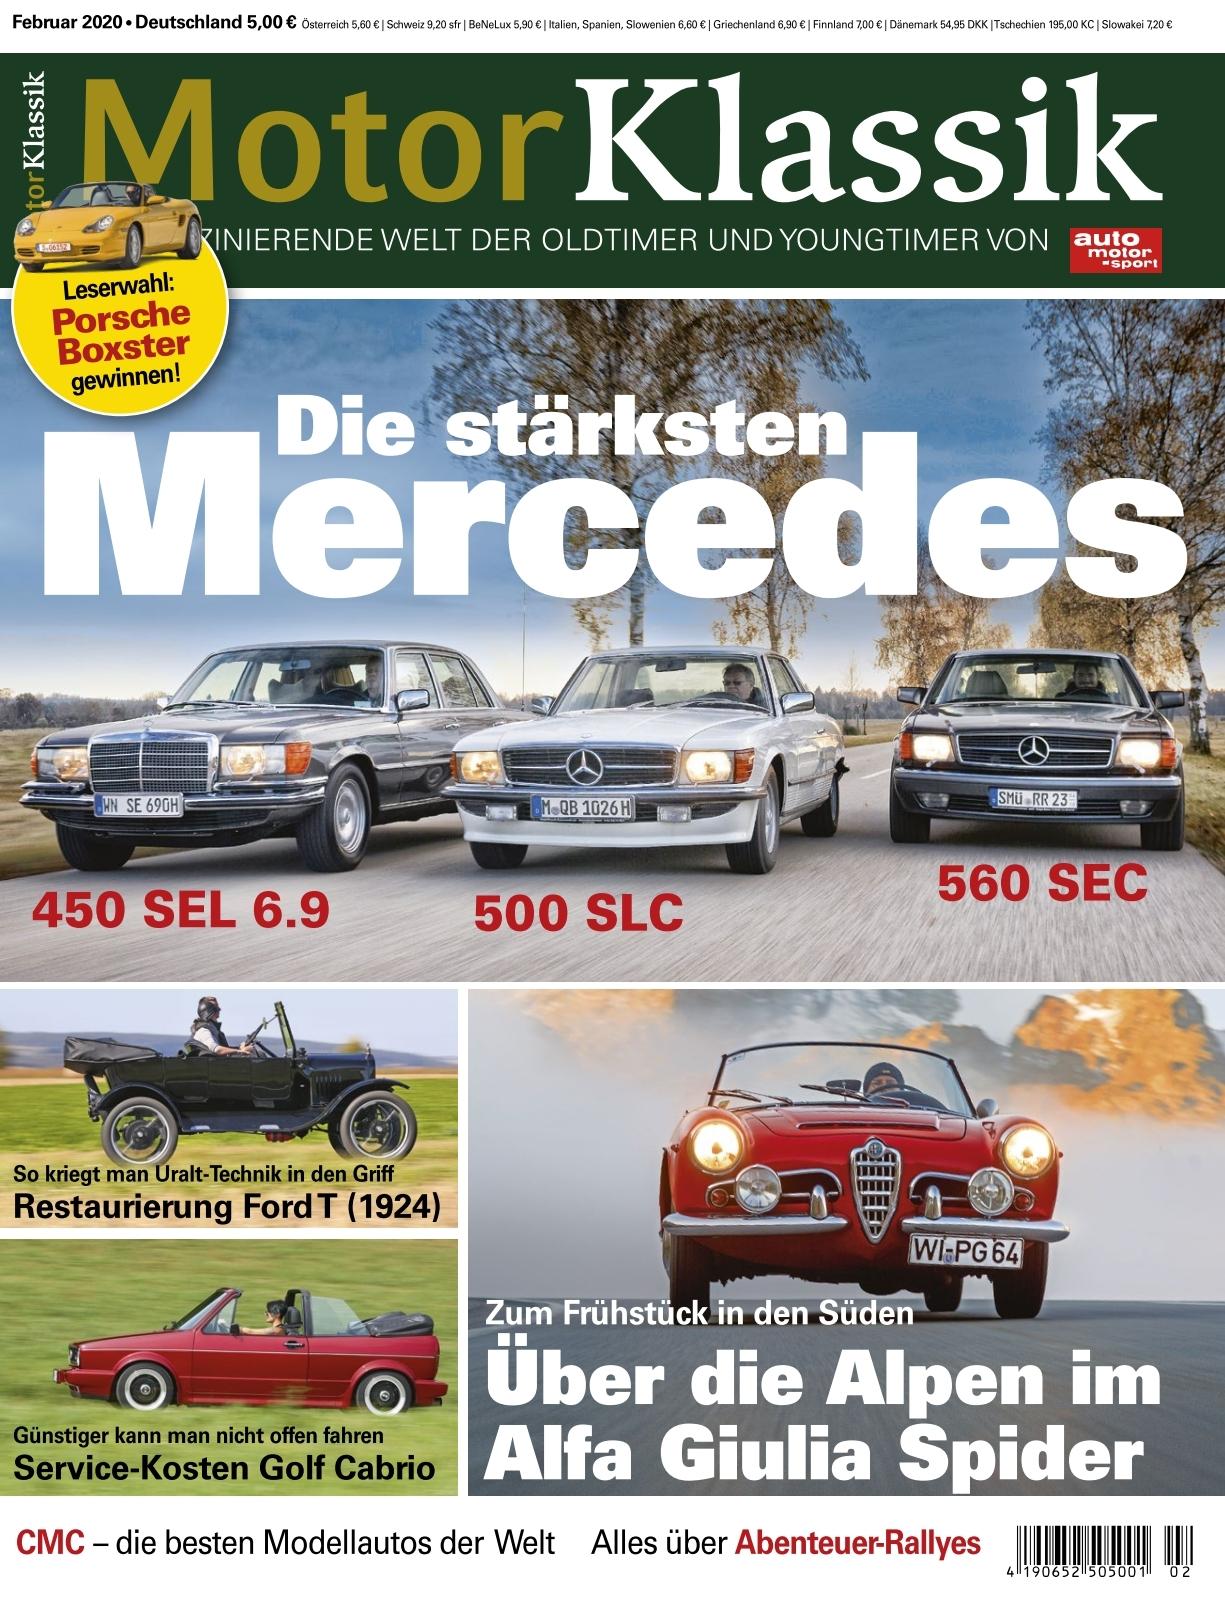 NEU 2x VW Käfer Bremsschlauch hinten Schräglenkerachse 245 mm Karmann Ghia 181